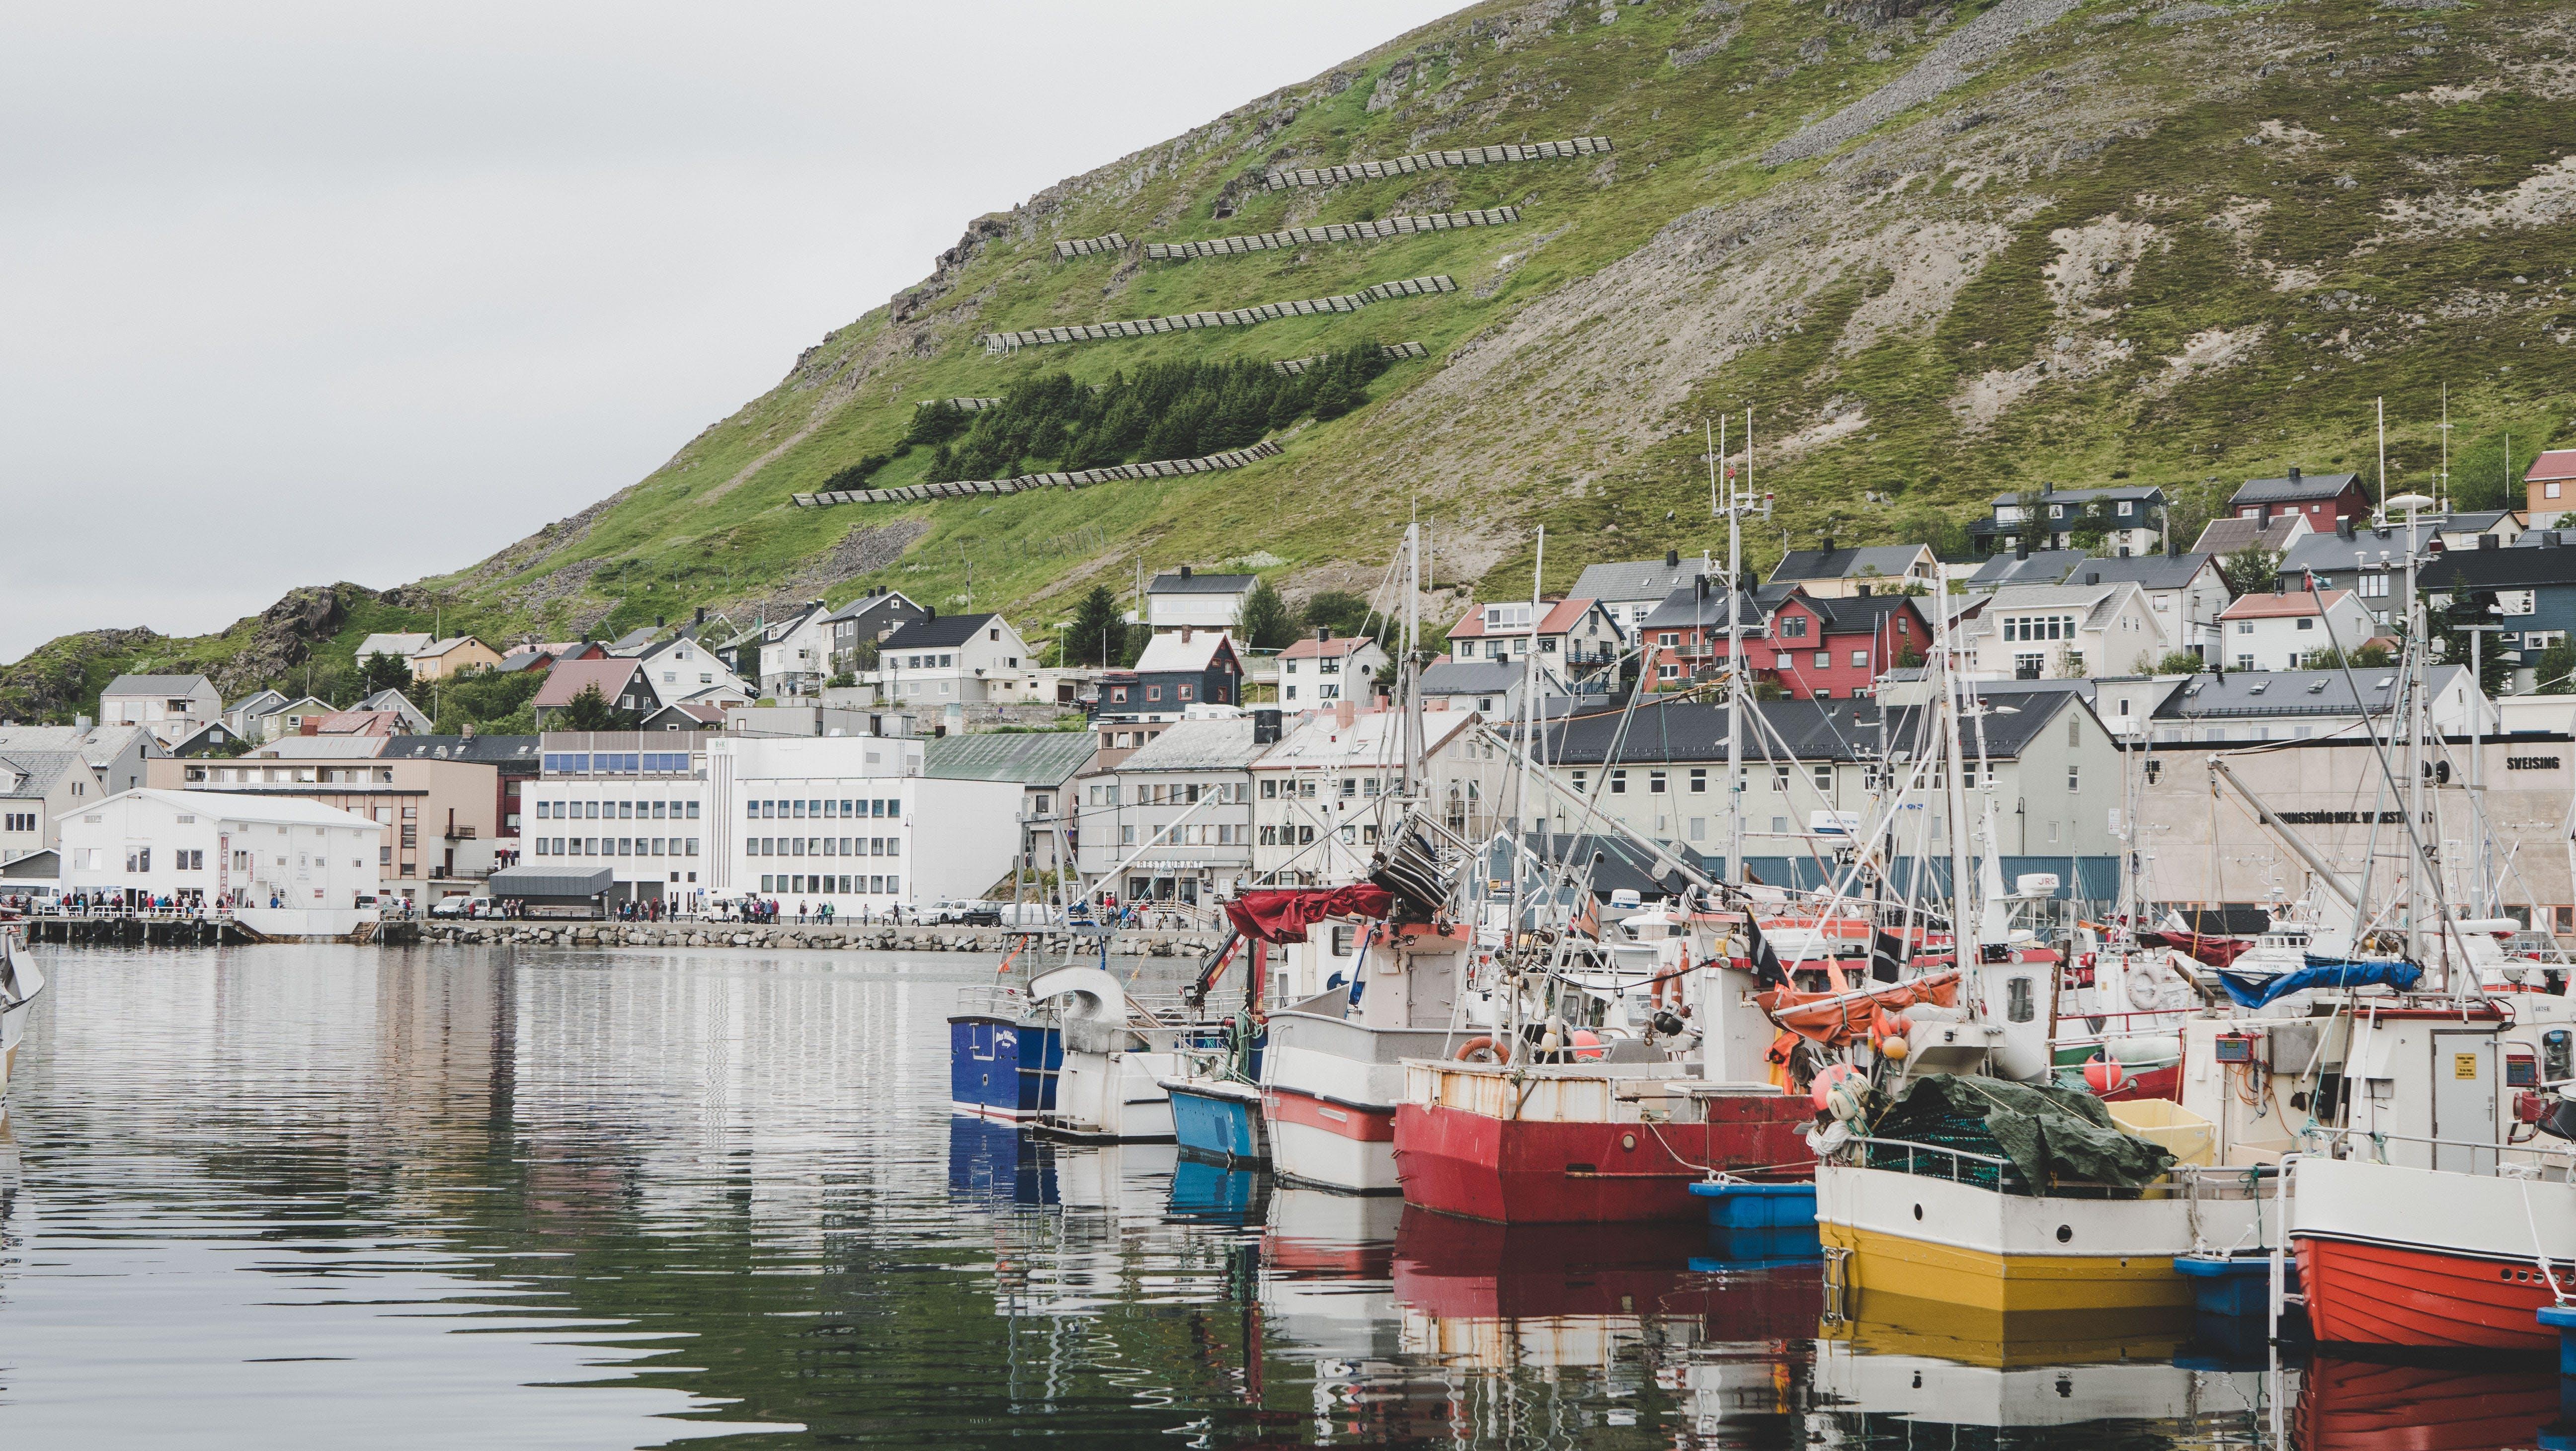 Immagine gratuita di acqua, architettura, barche, barche da pesca